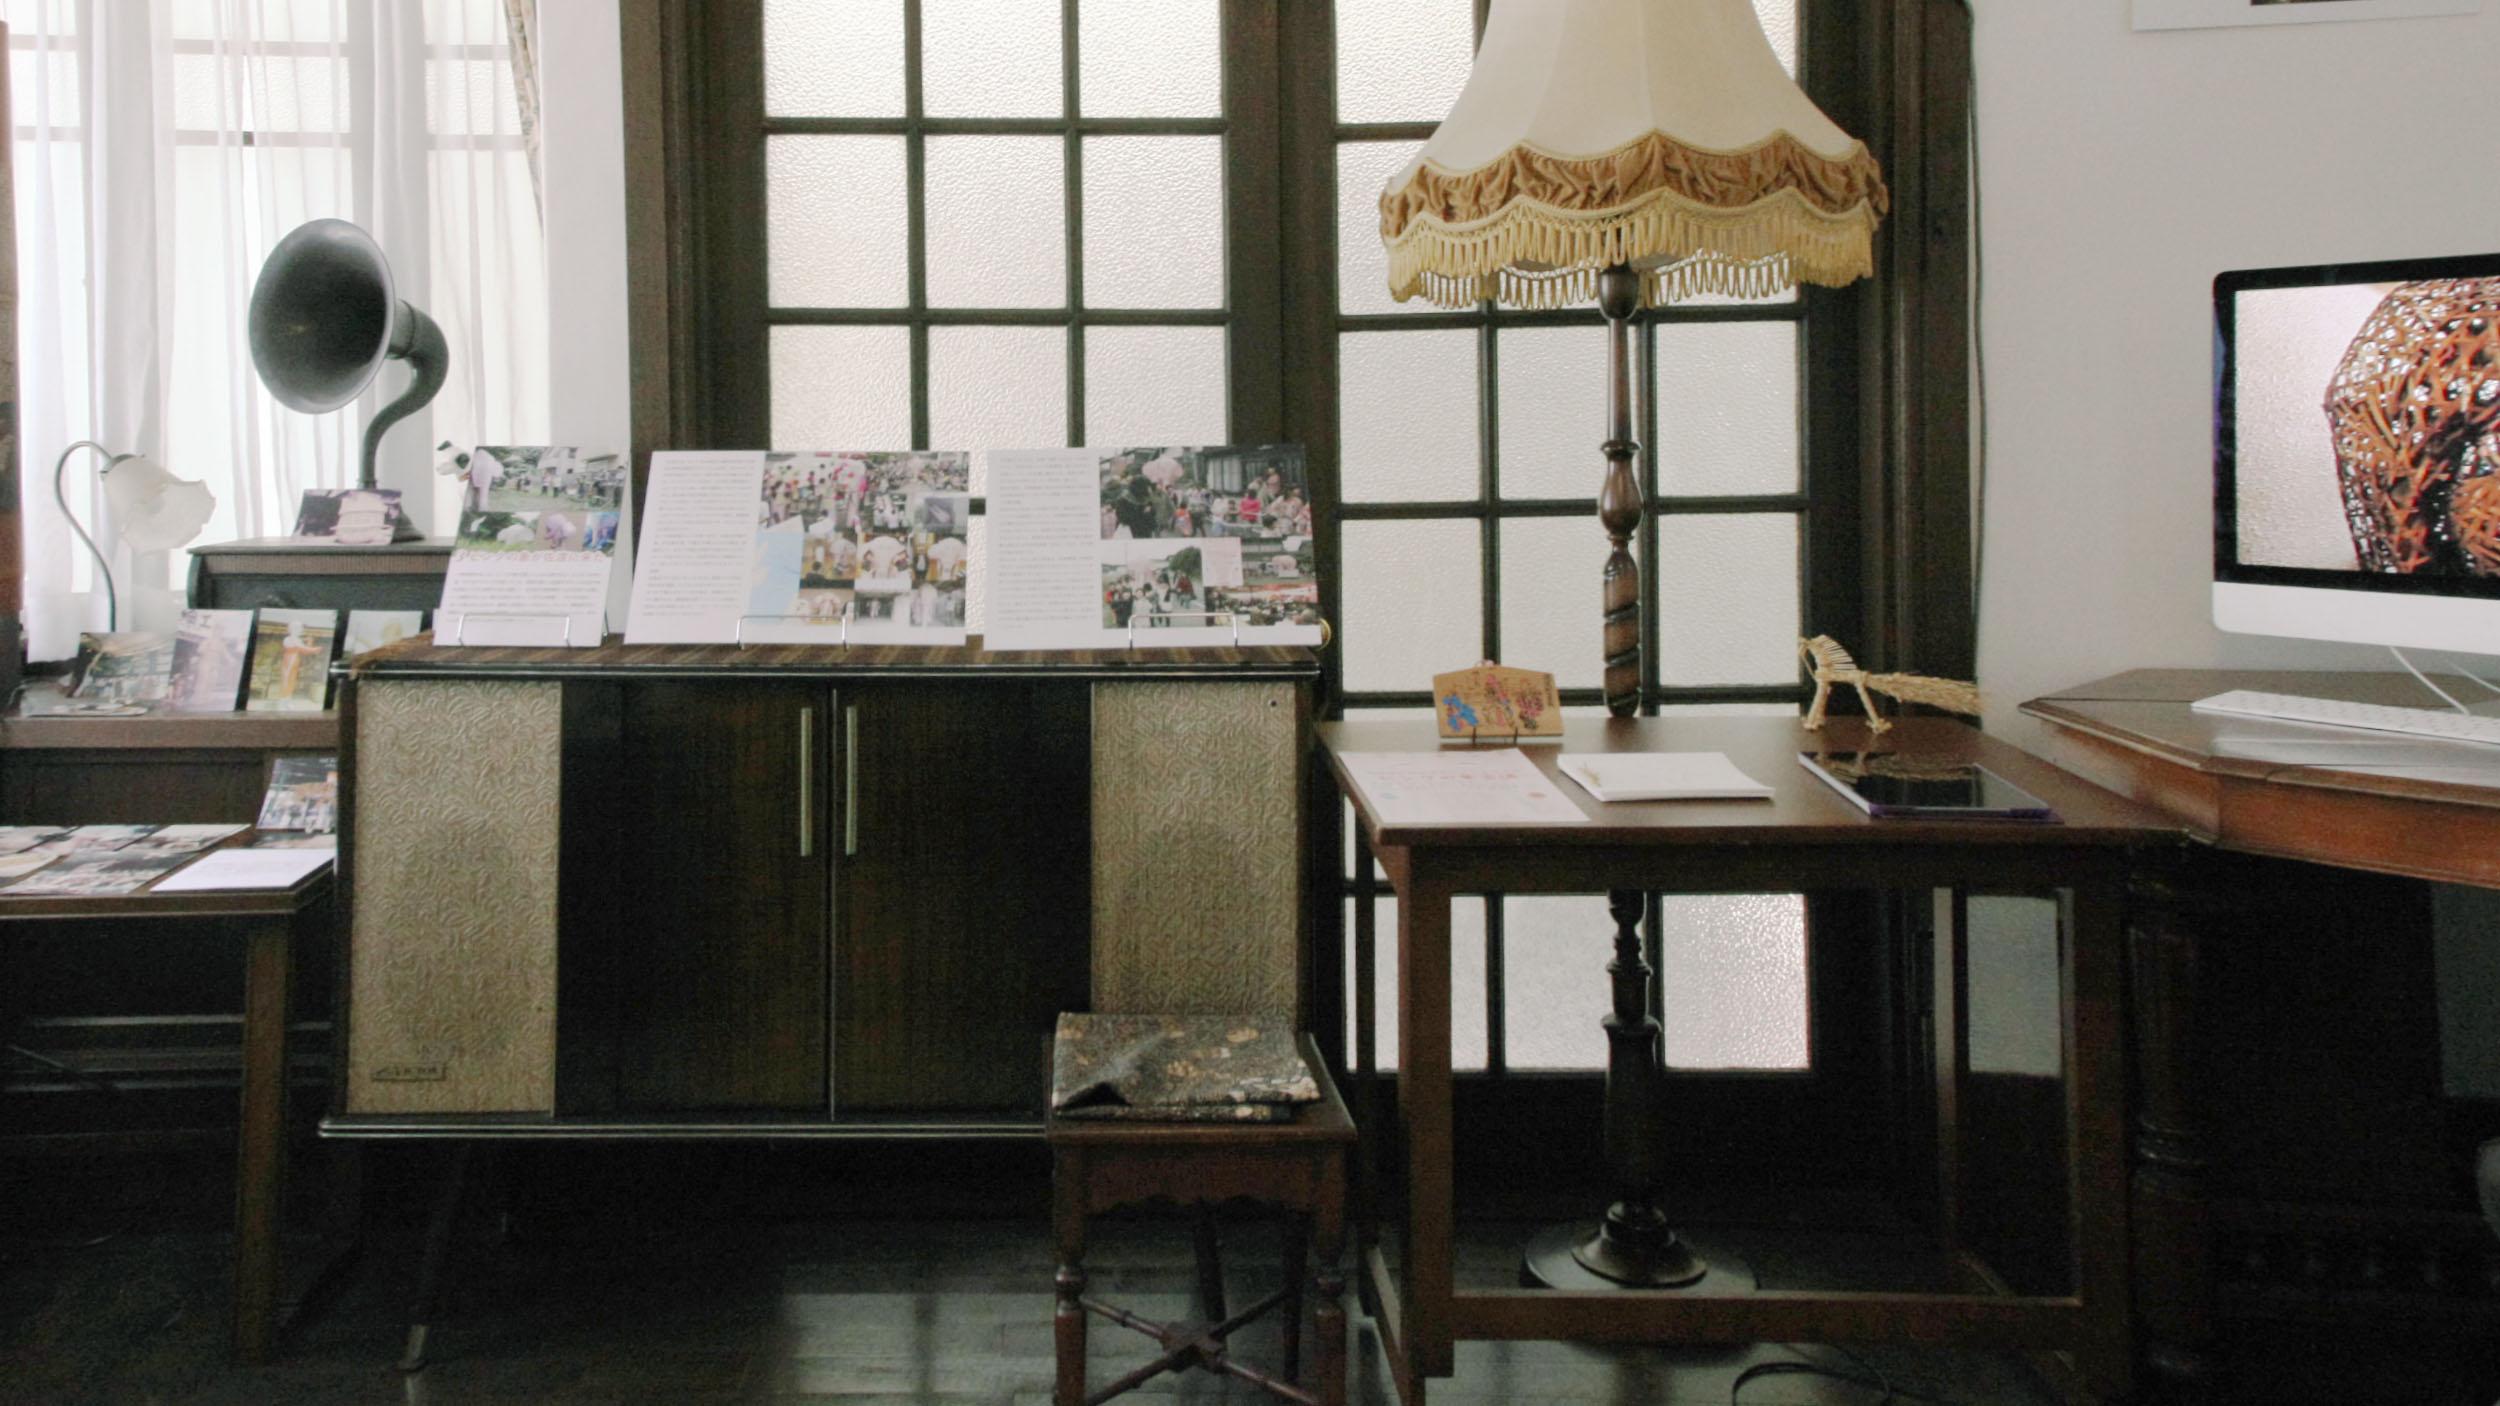 一欅庵展示の様子( チャサンポー2018 )